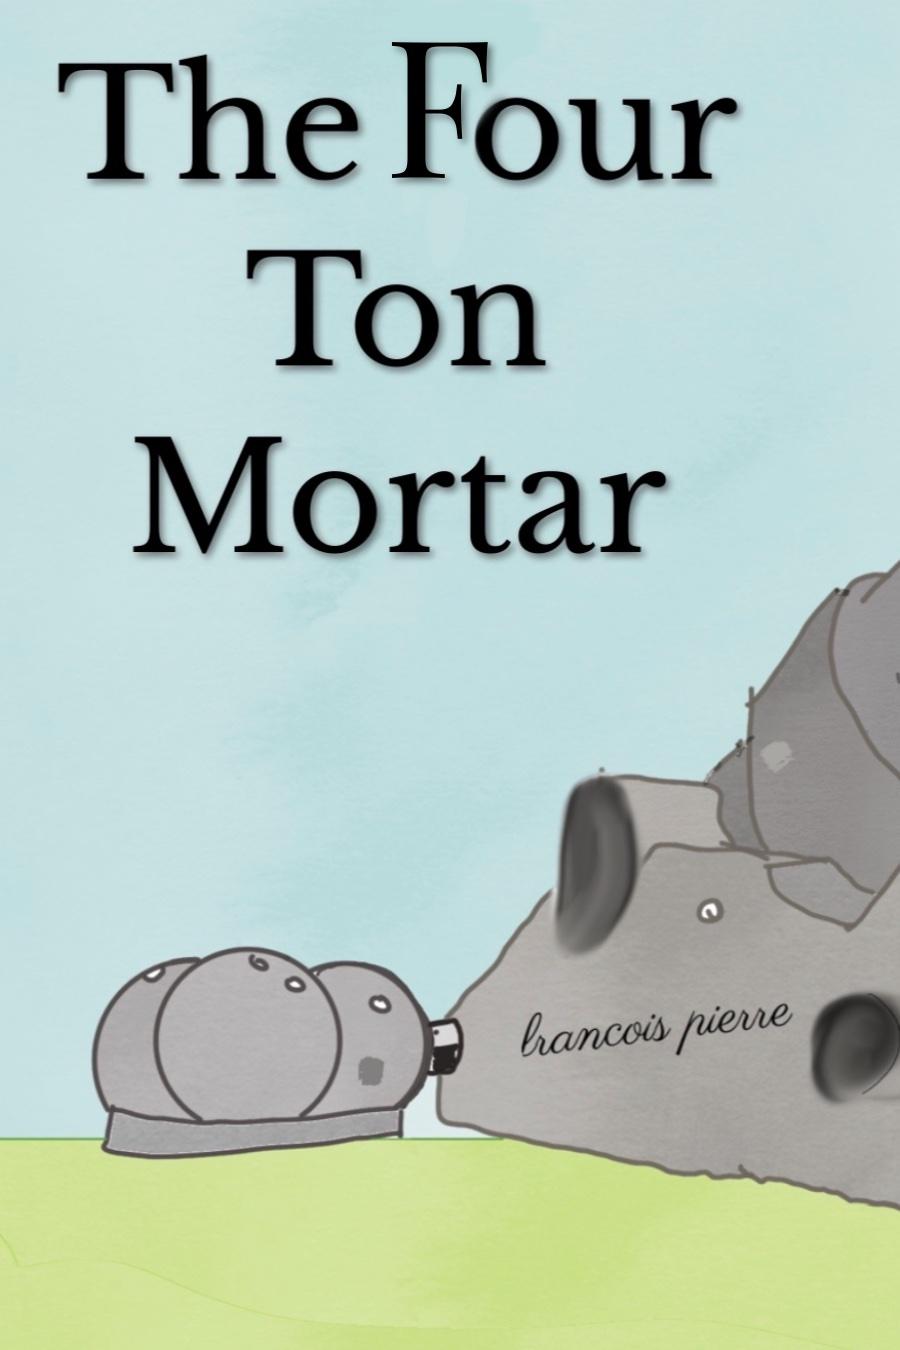 The Four Ton Mortar